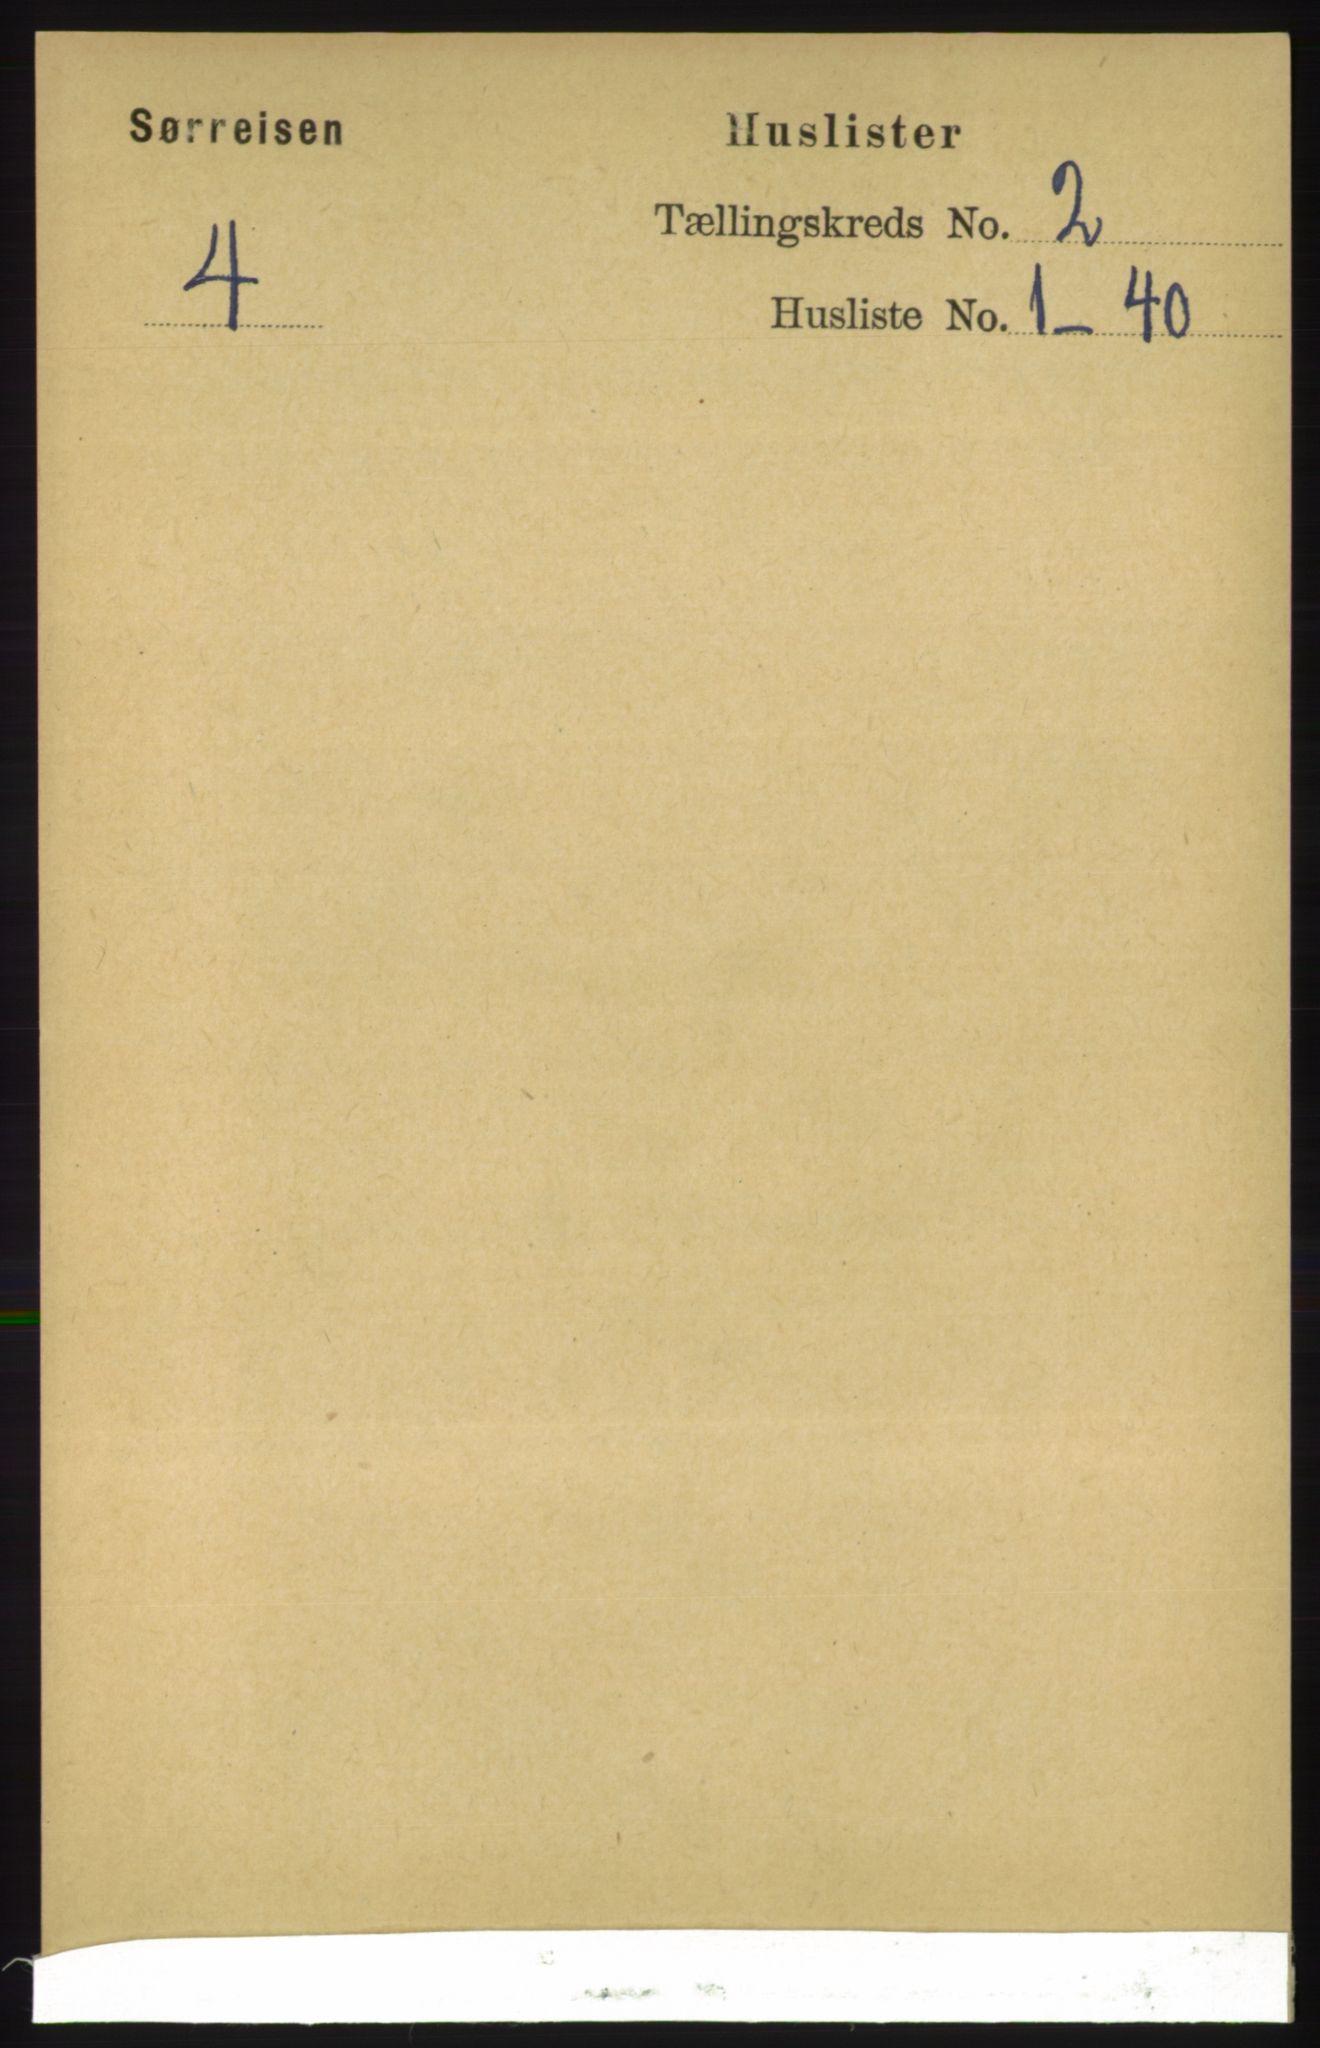 RA, Folketelling 1891 for 1925 Sørreisa herred, 1891, s. 338